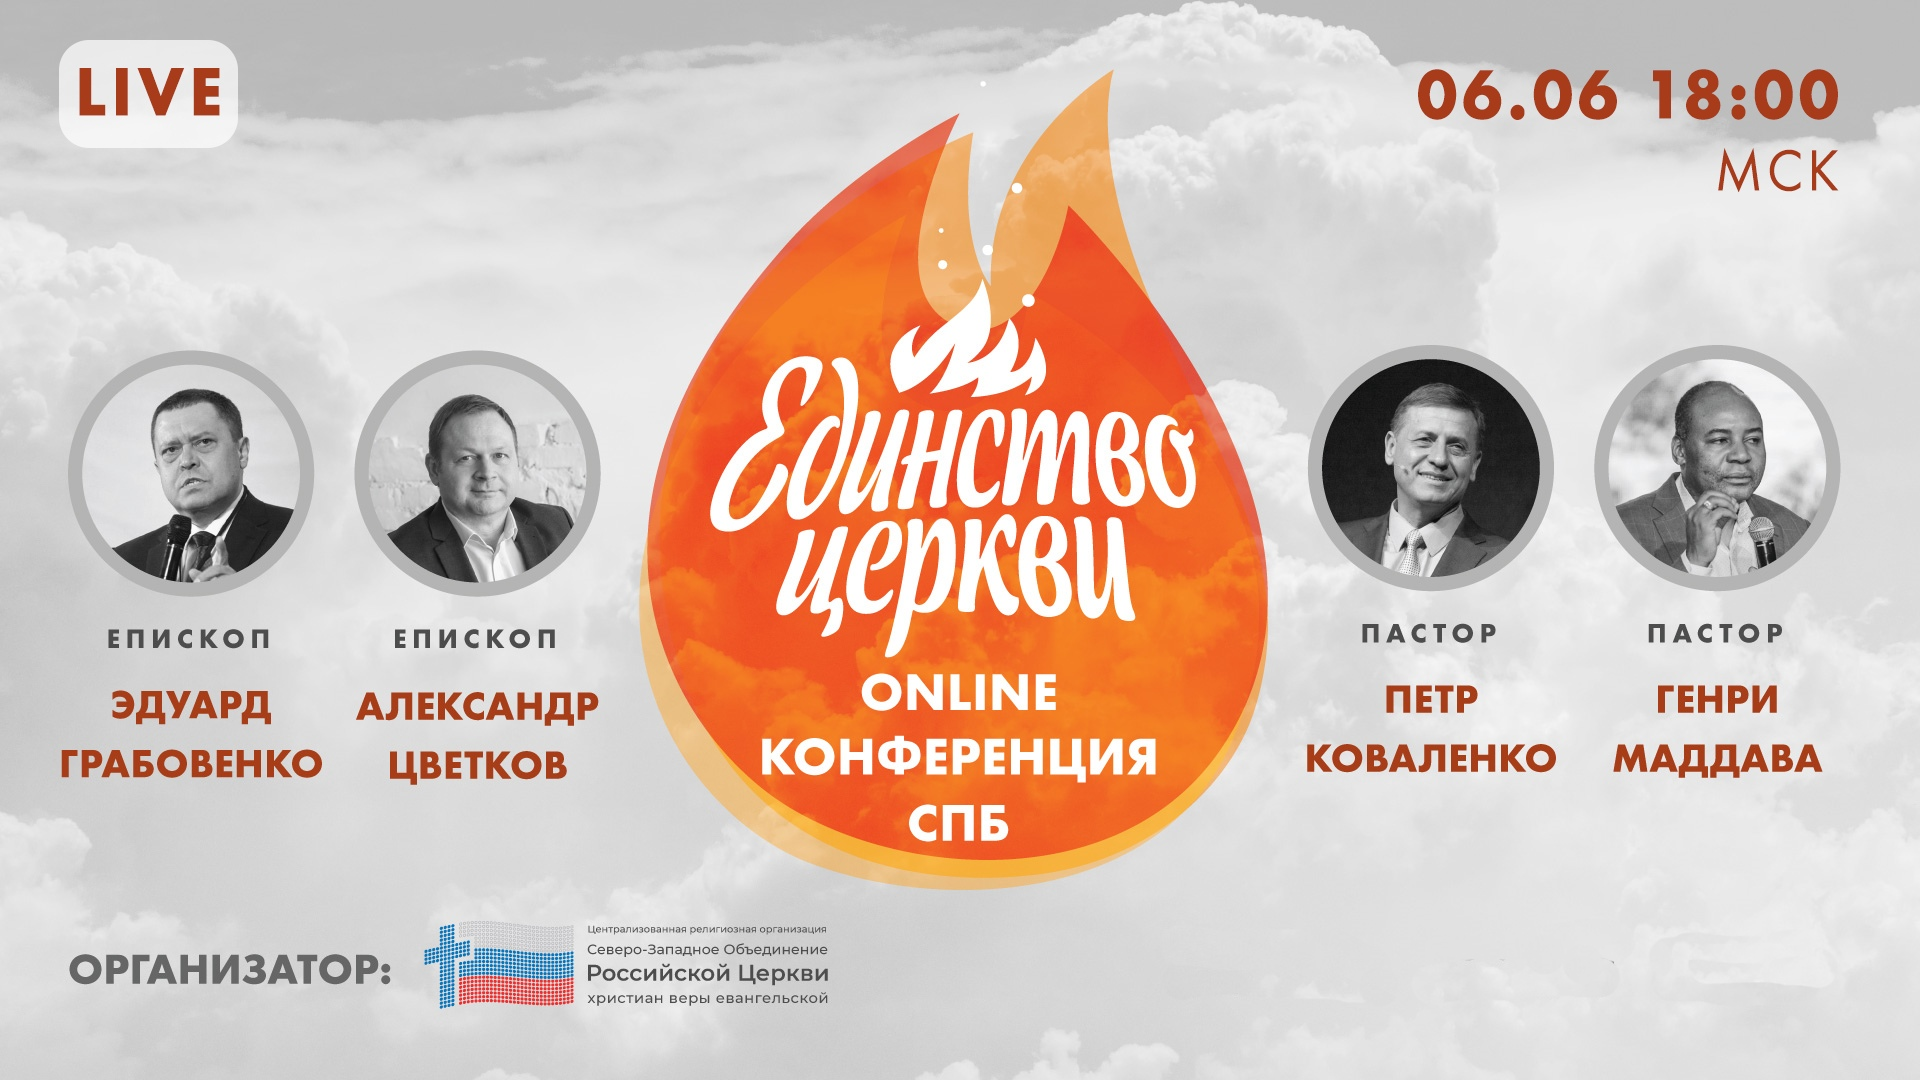 6 июня присоединяйтесь к онлайн-конференции «Единство церкви», приуроченной ко Дню Пятидесятницы